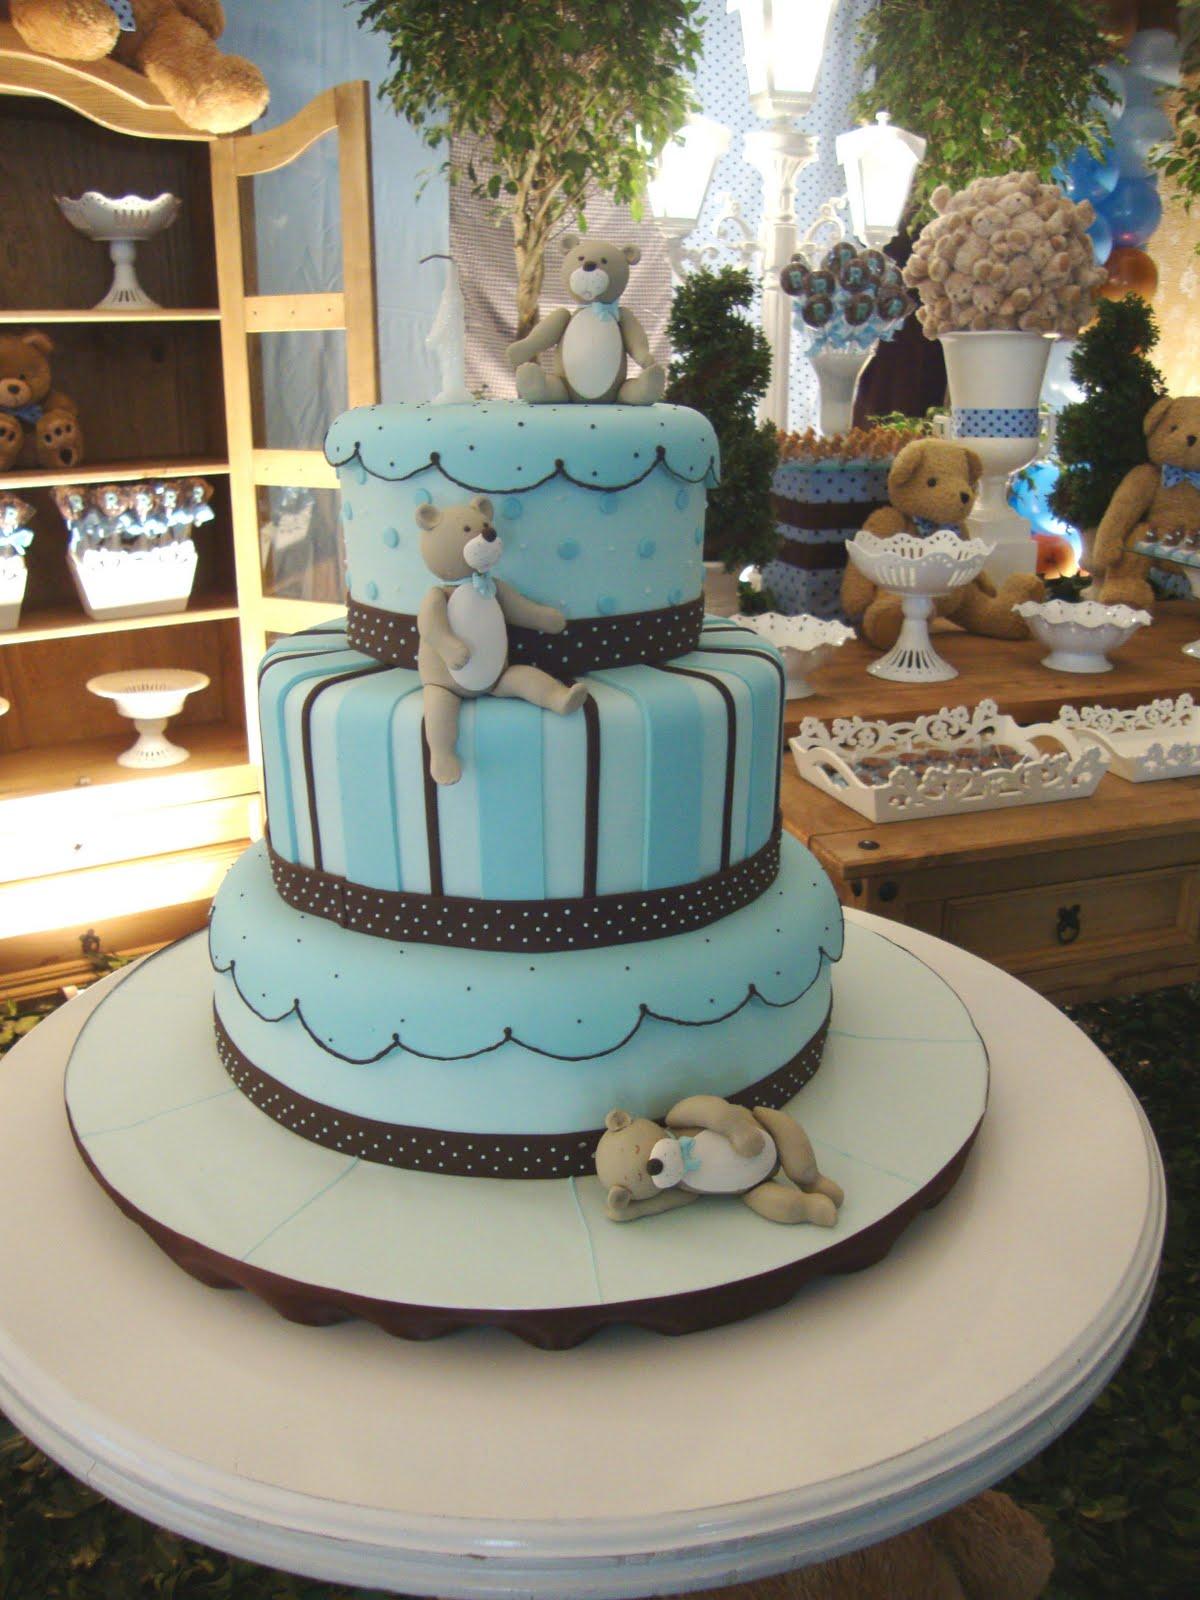 decoracao festa urso azul e marrom : decoracao festa urso azul e marrom:HAPPY FEST: URSOS EM MARROM E AZUL – BEARS BLUE & BROWN